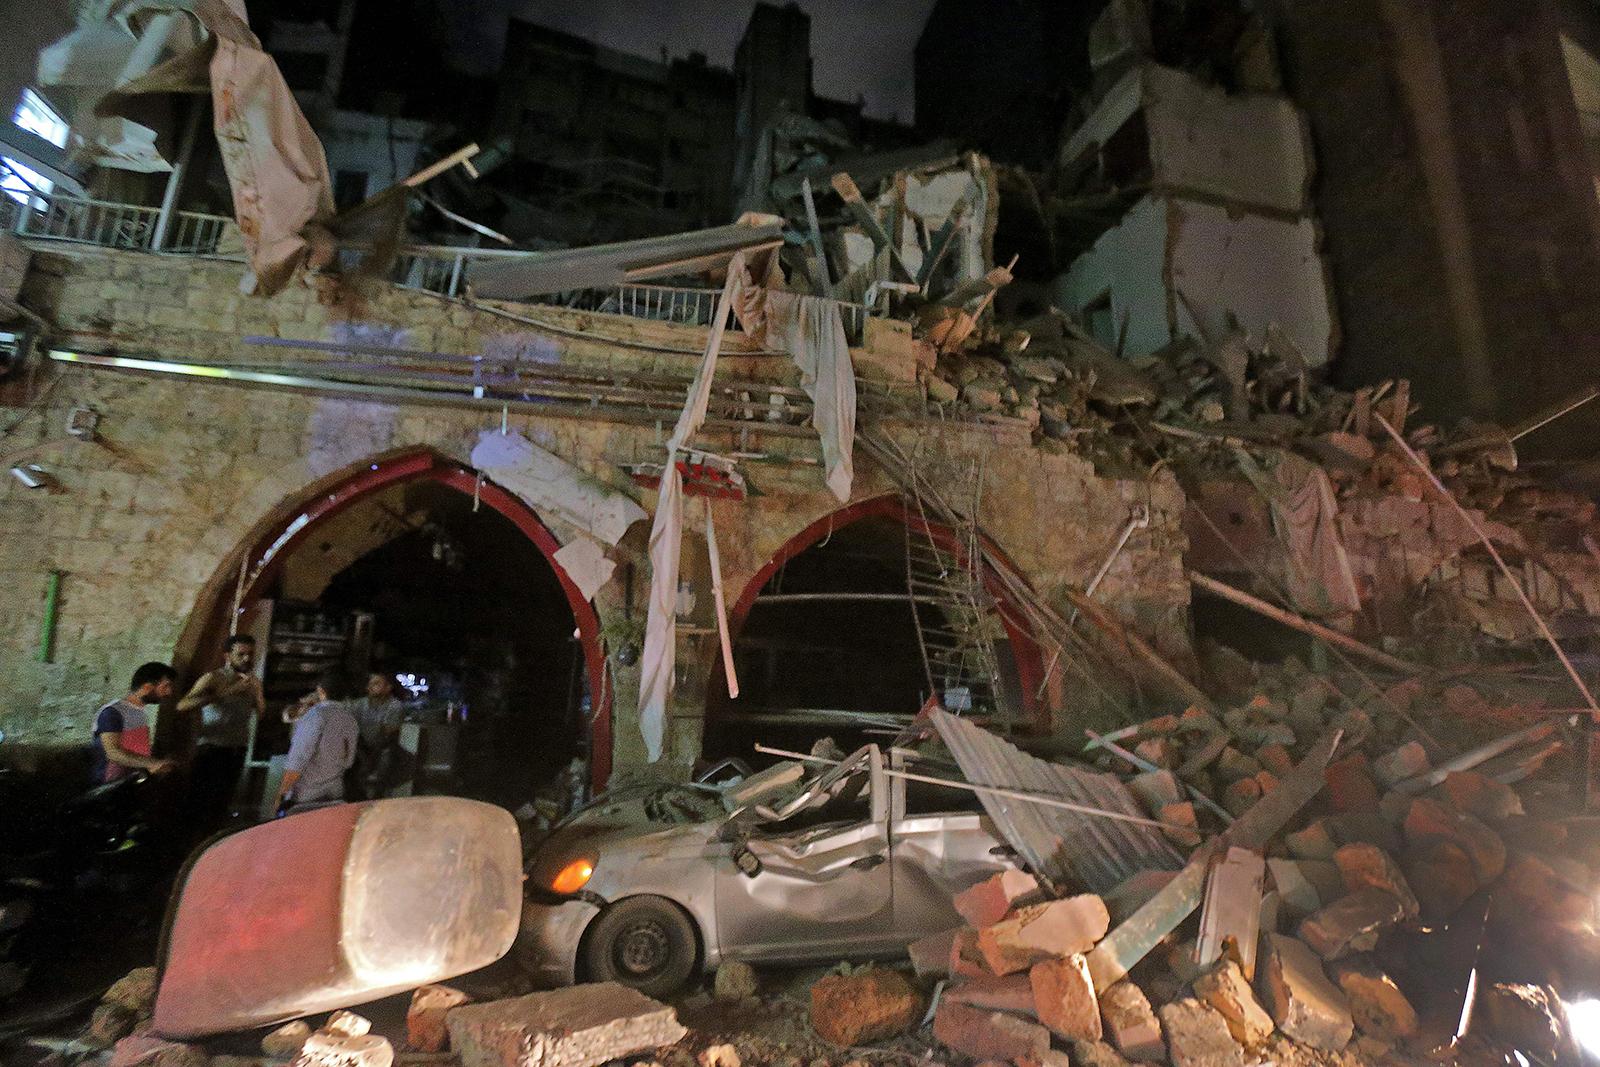 Будто кадры из фильма про Армагеддон: как выглядит Бейрут после взрывов (ФОТО, ВИДЕО) - фото 15